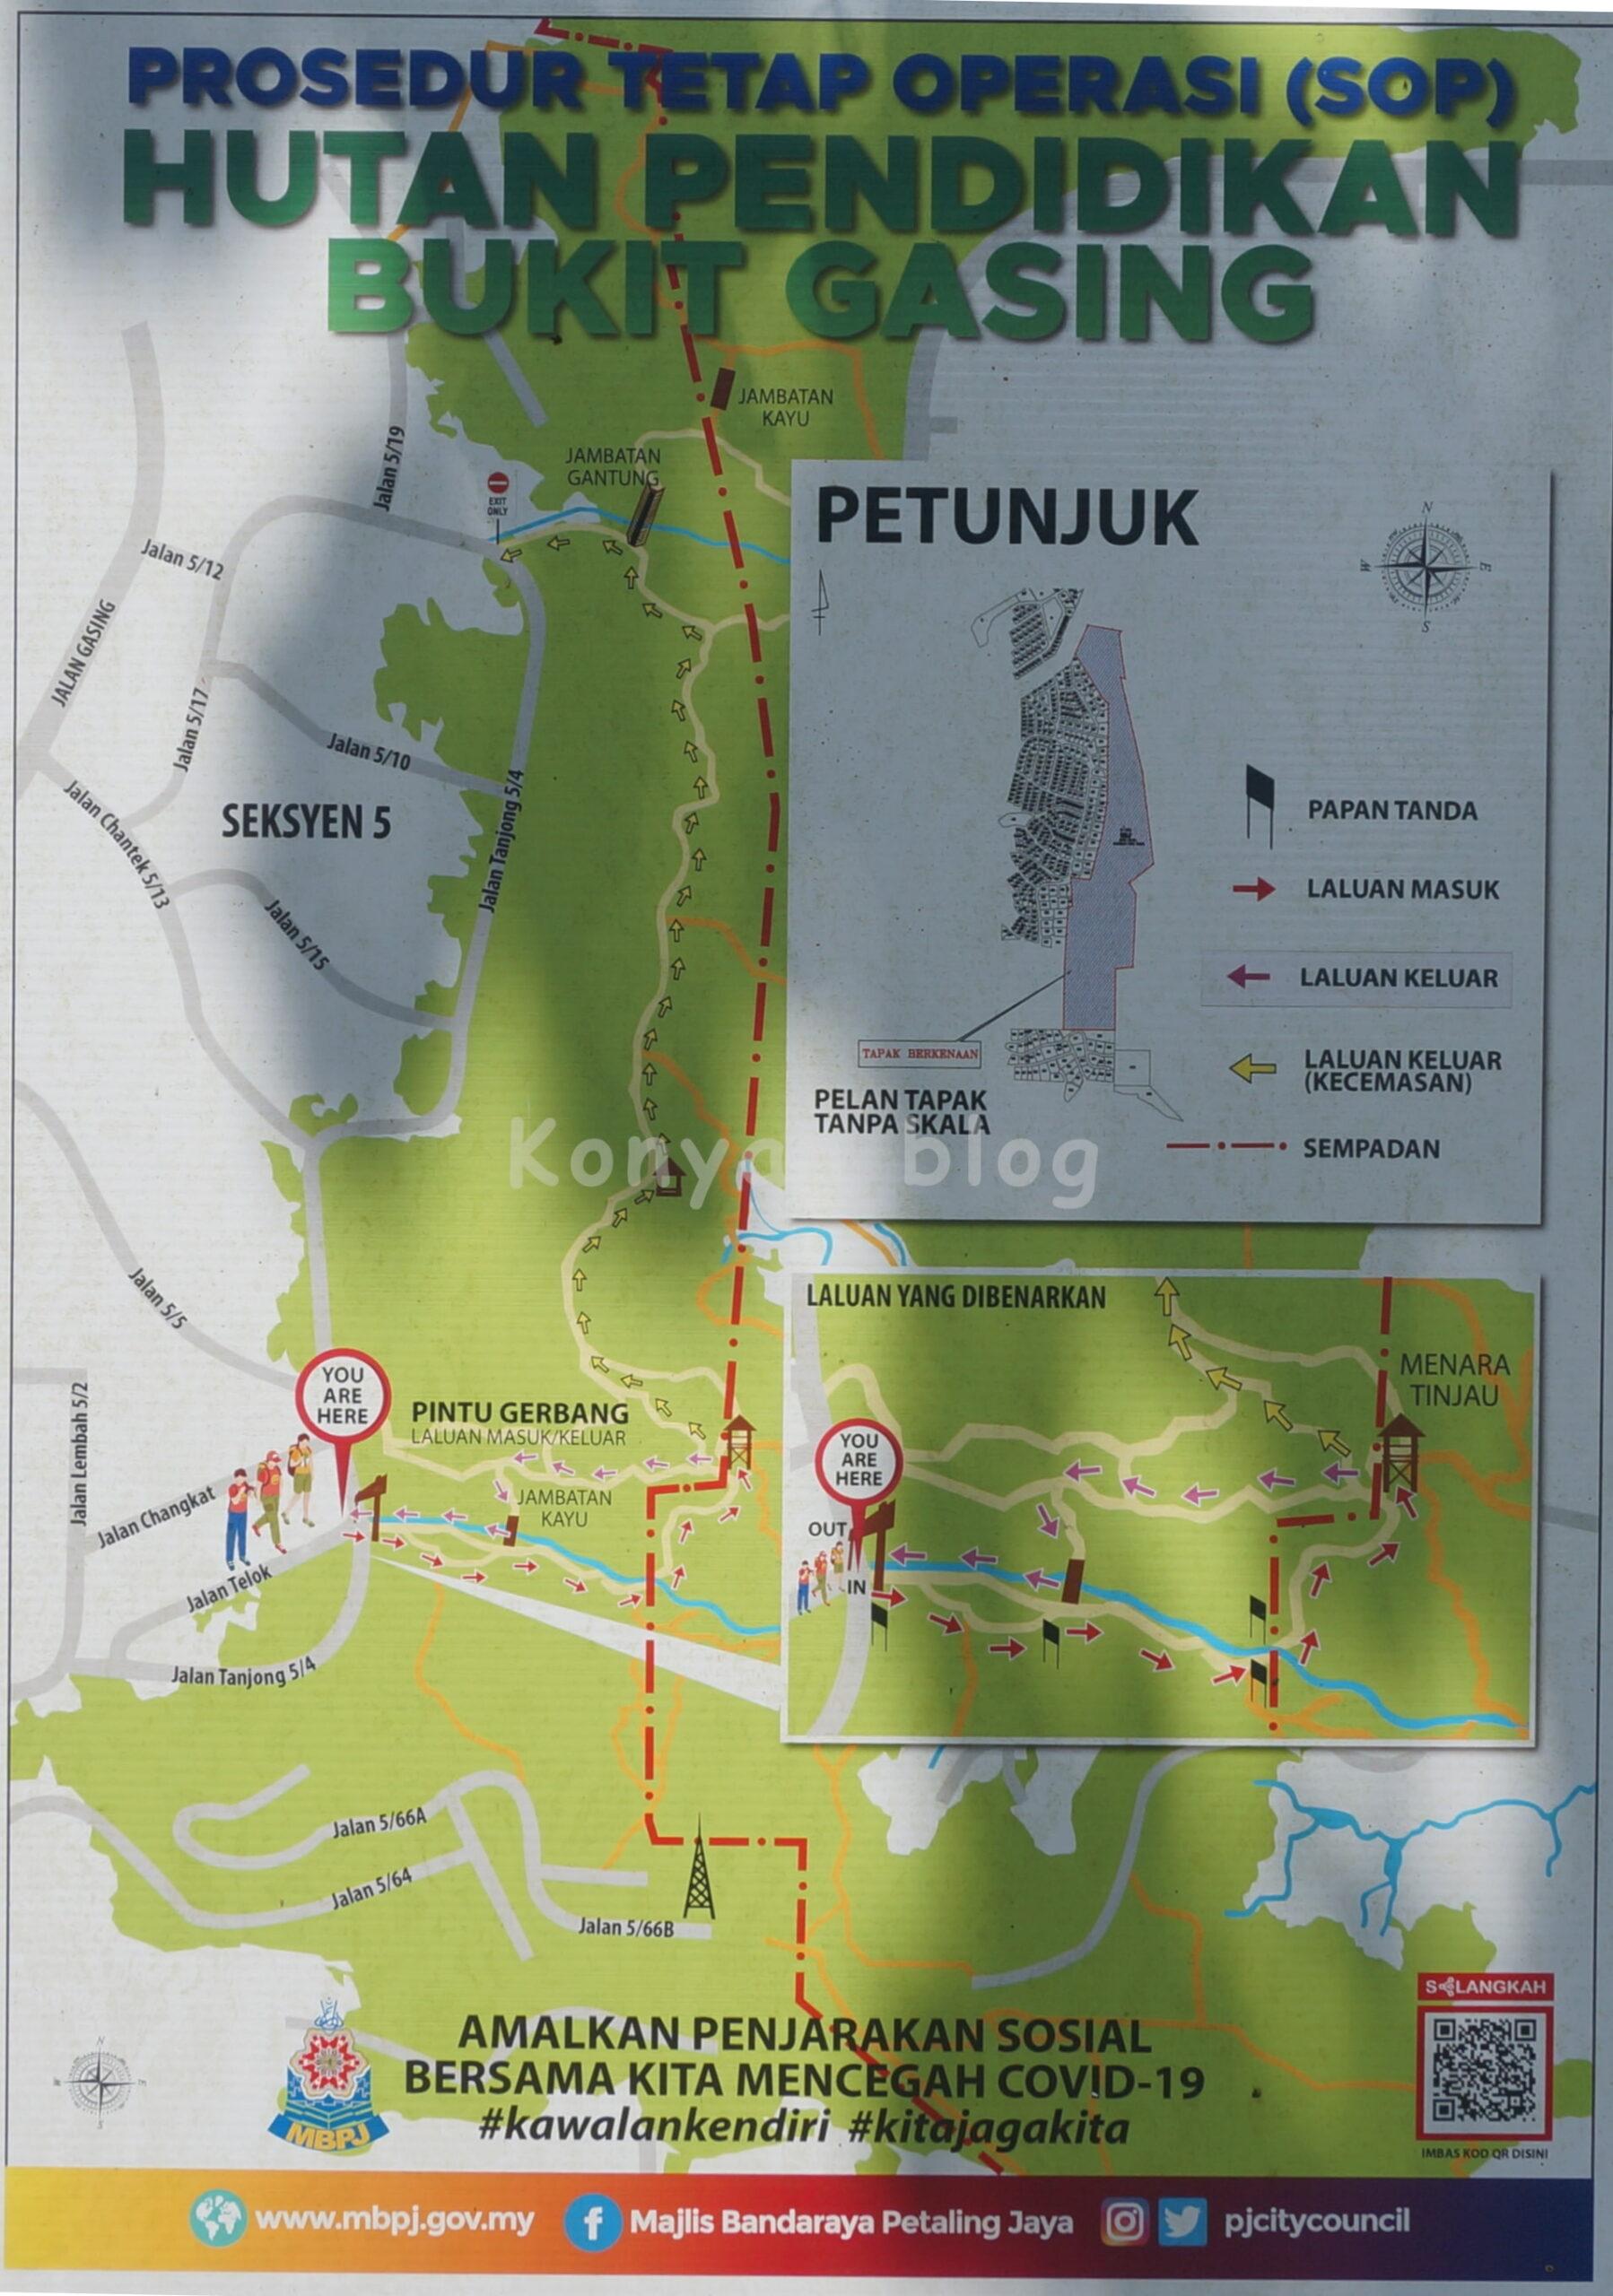 Hutan Pendidikan Bukit Gasing map